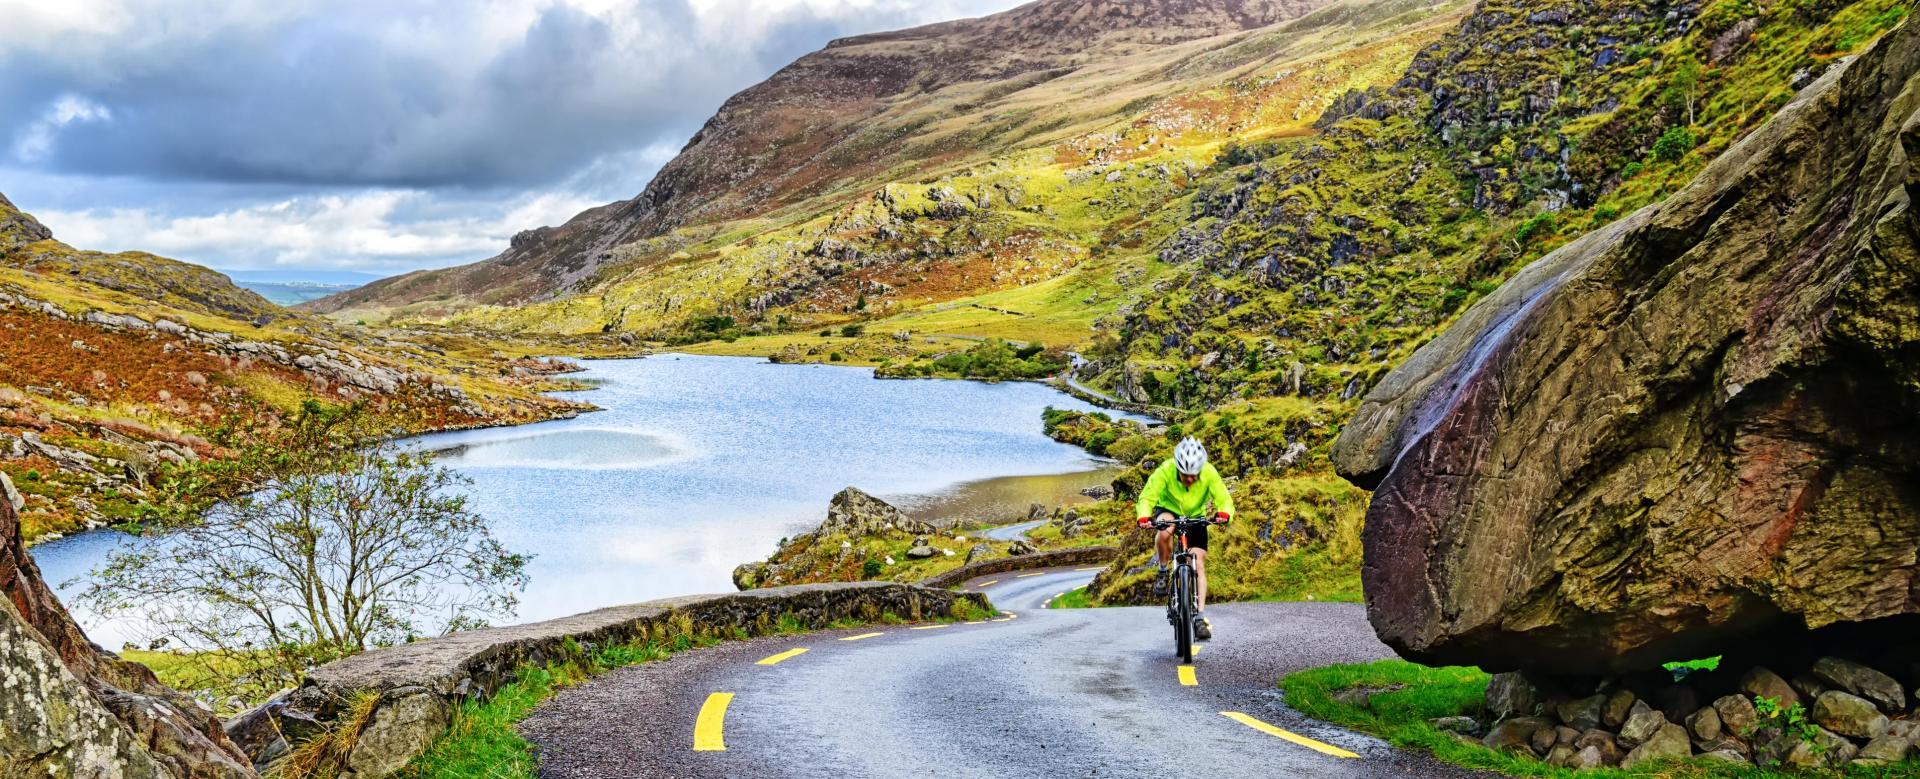 Voyage en véhicule : Iles d\'aran et connemara à vélo